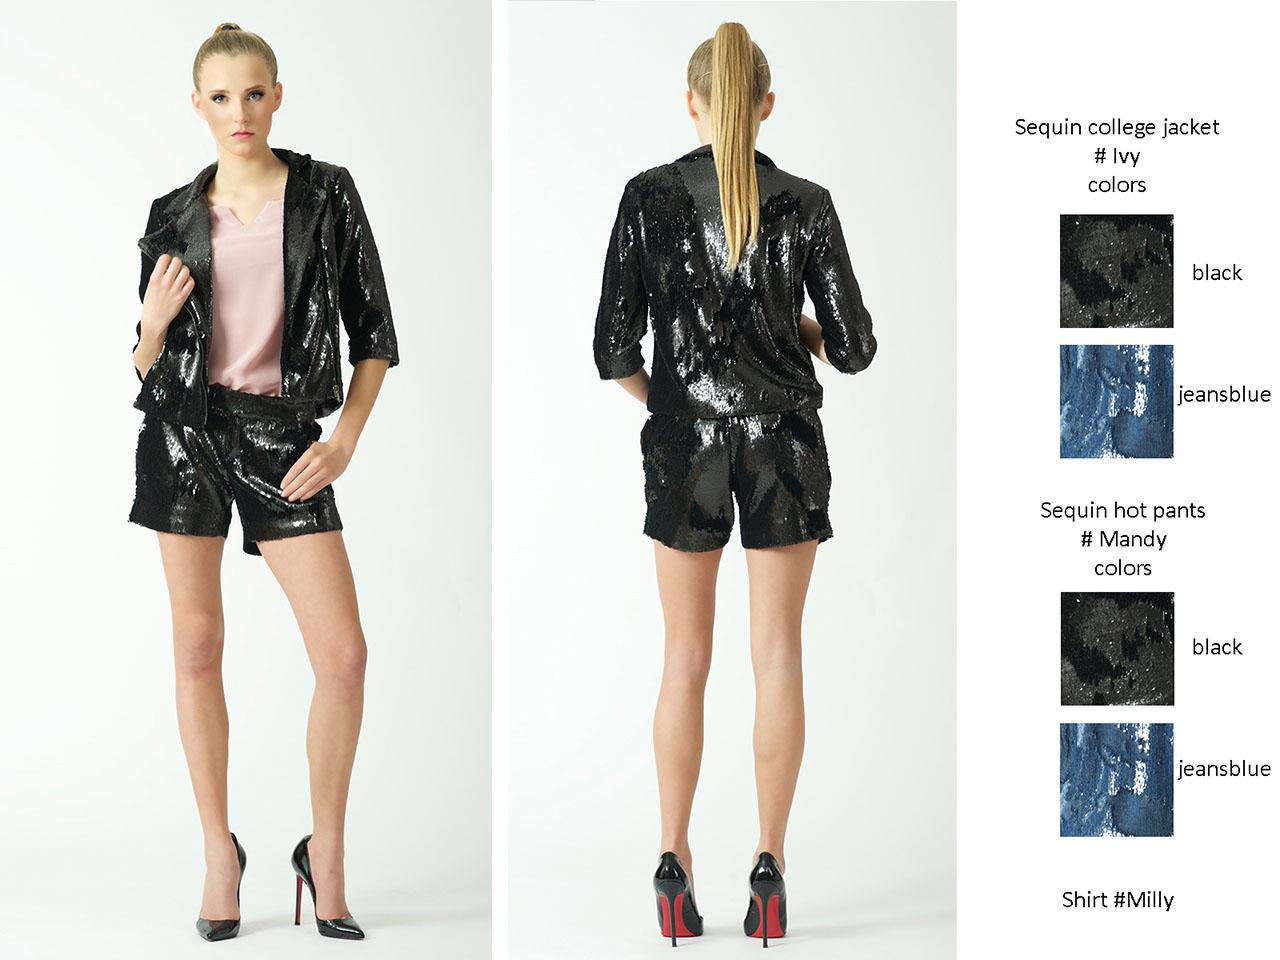 Gracemaier_Lookbook_Daywear_fw15_Seite_03_Bild_0001